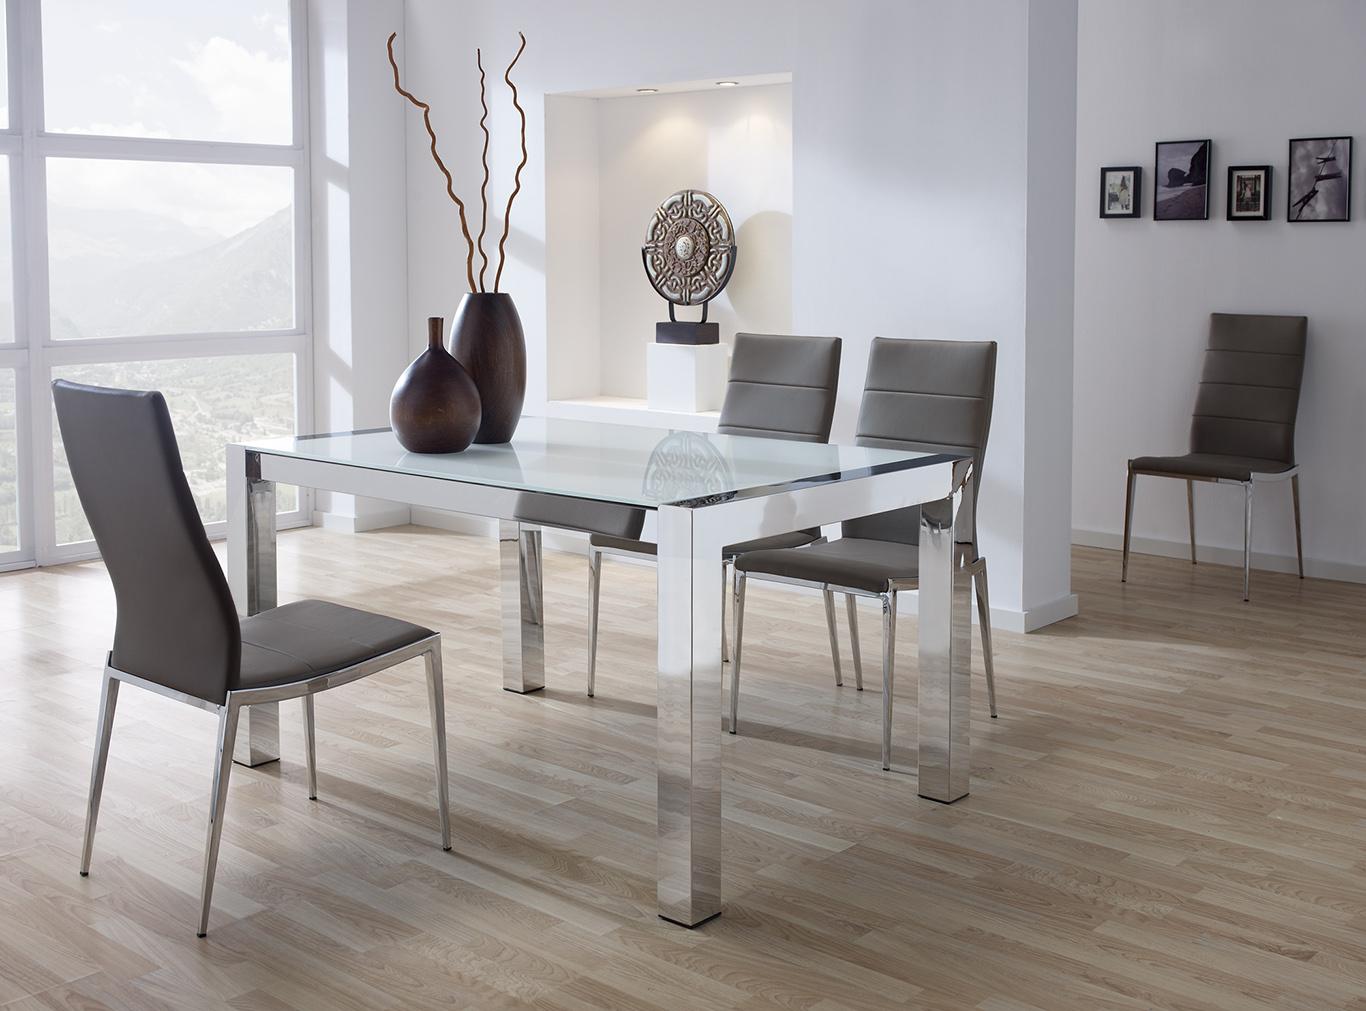 Mesas de comedor modernas for Sillas blancas modernas para comedor